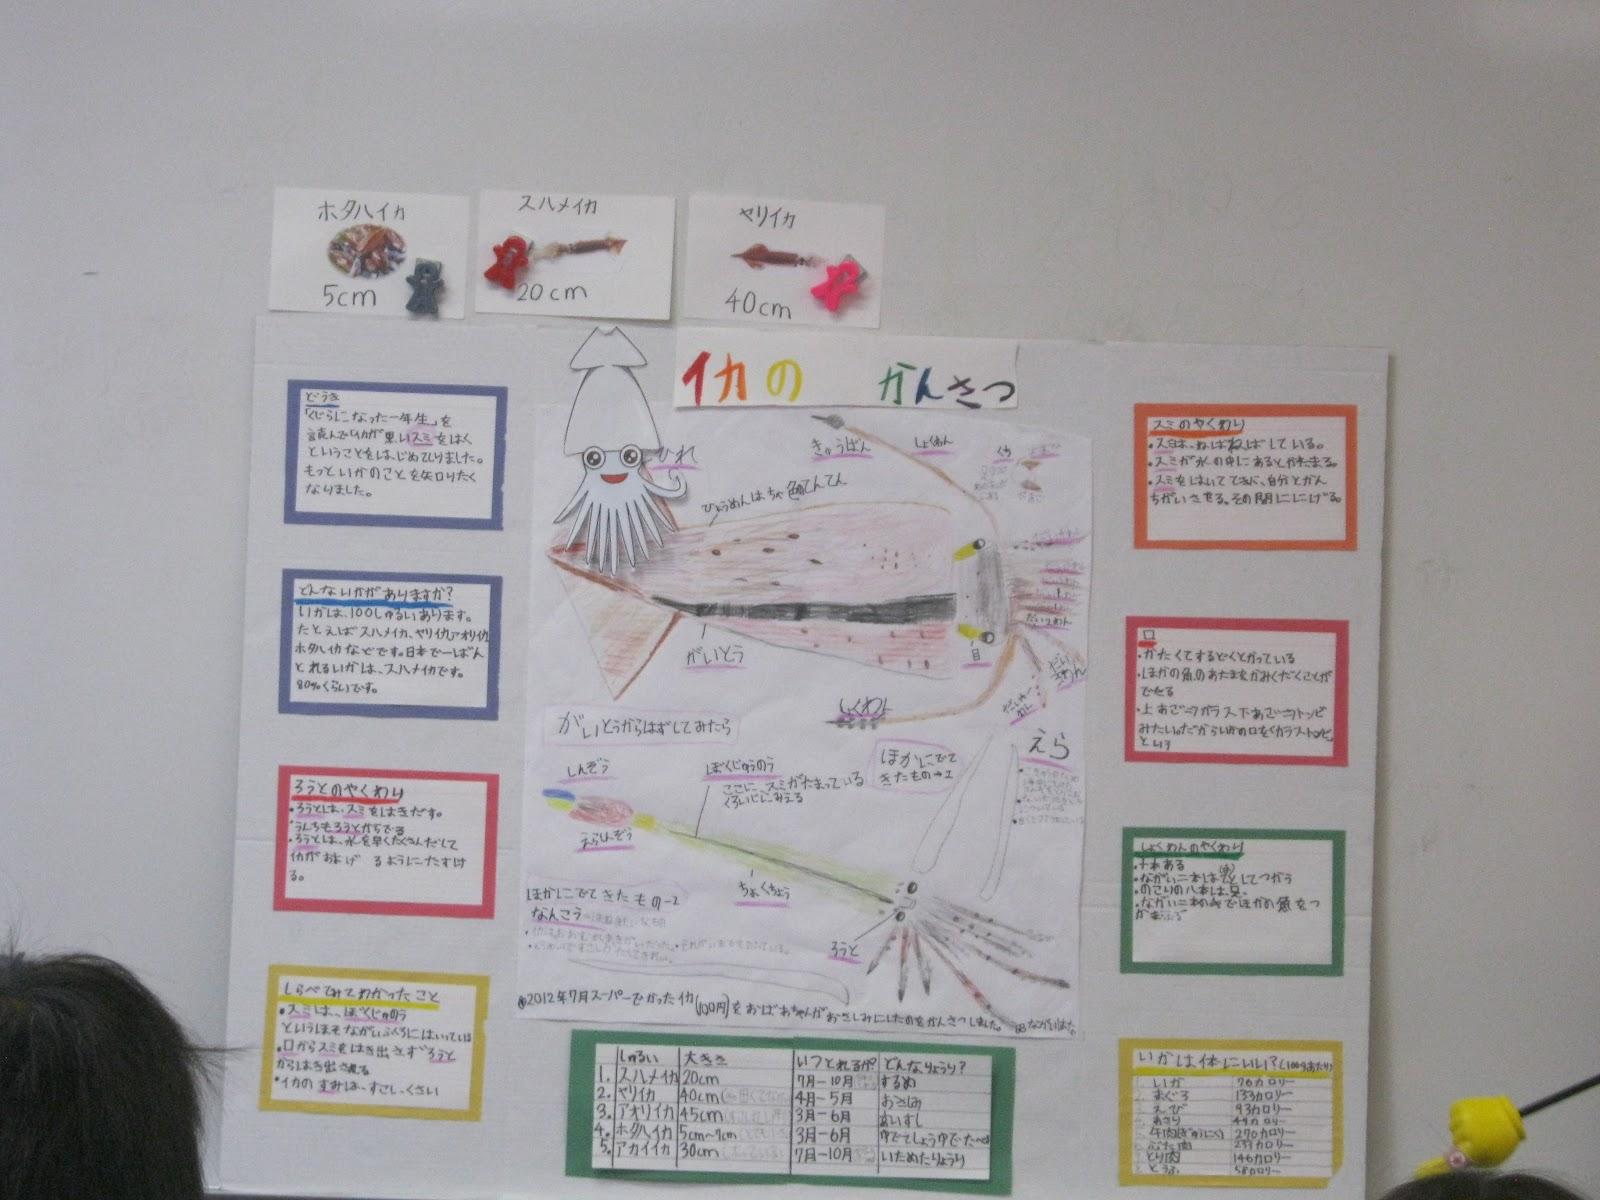 夏休みの自由研究 テーマの ... : 小学生理科自由研究テーマ : 小学生